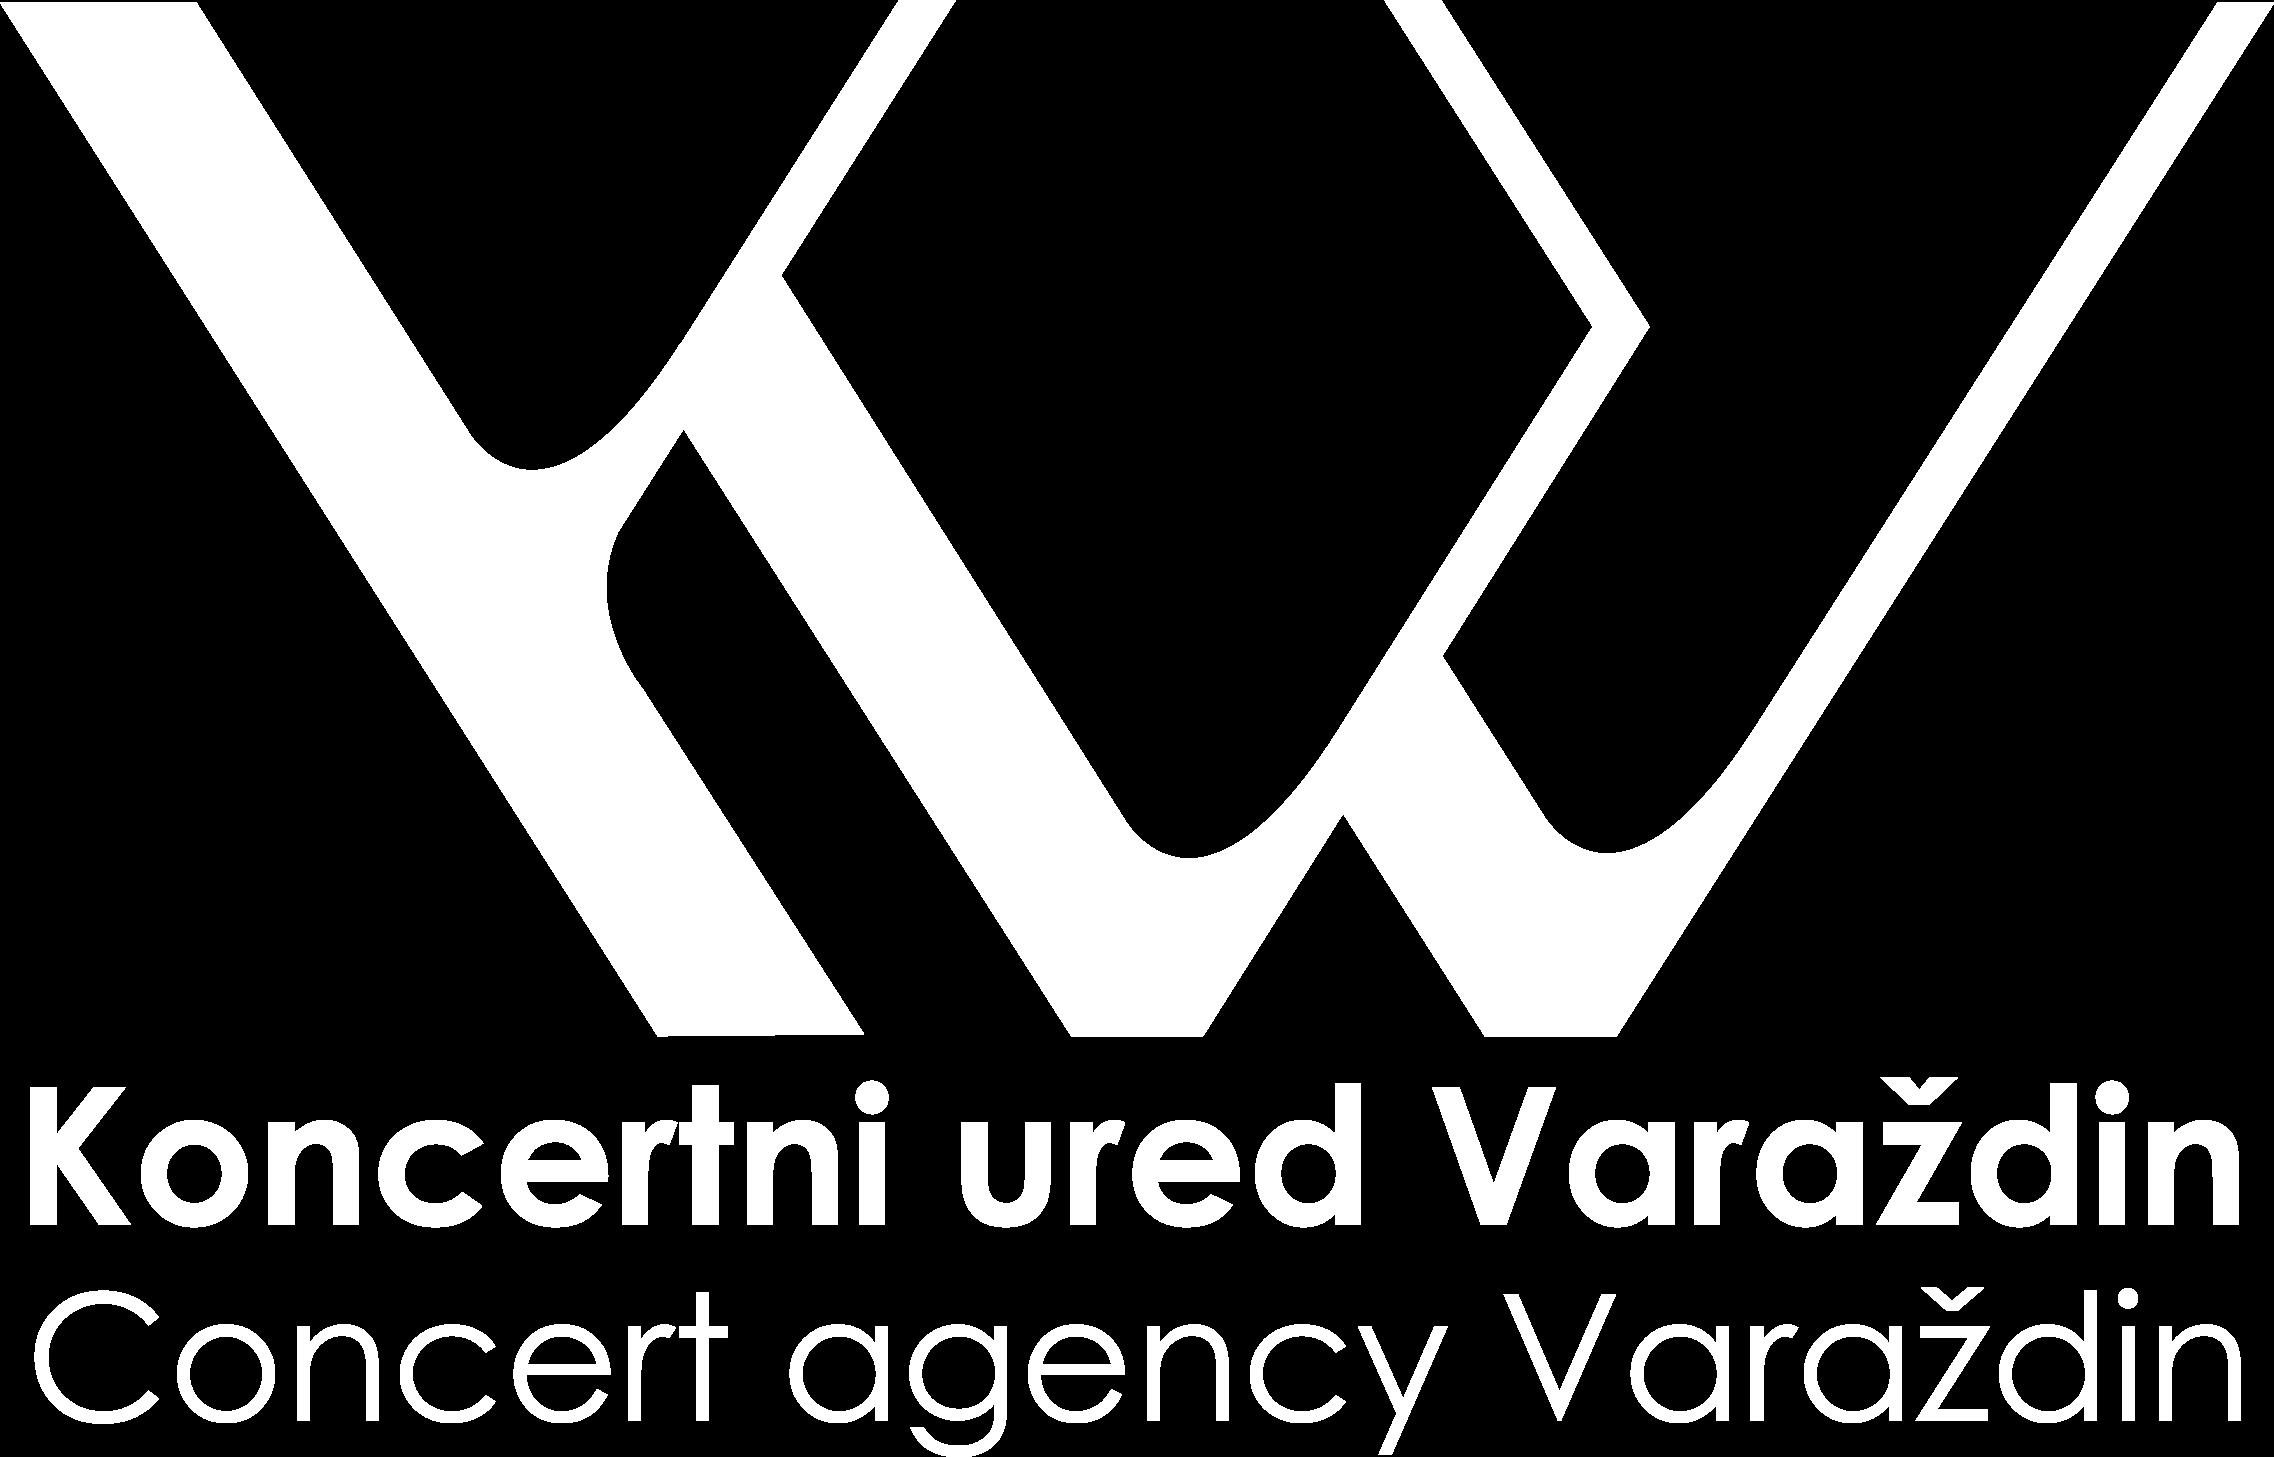 Koncertni ured Varaždin